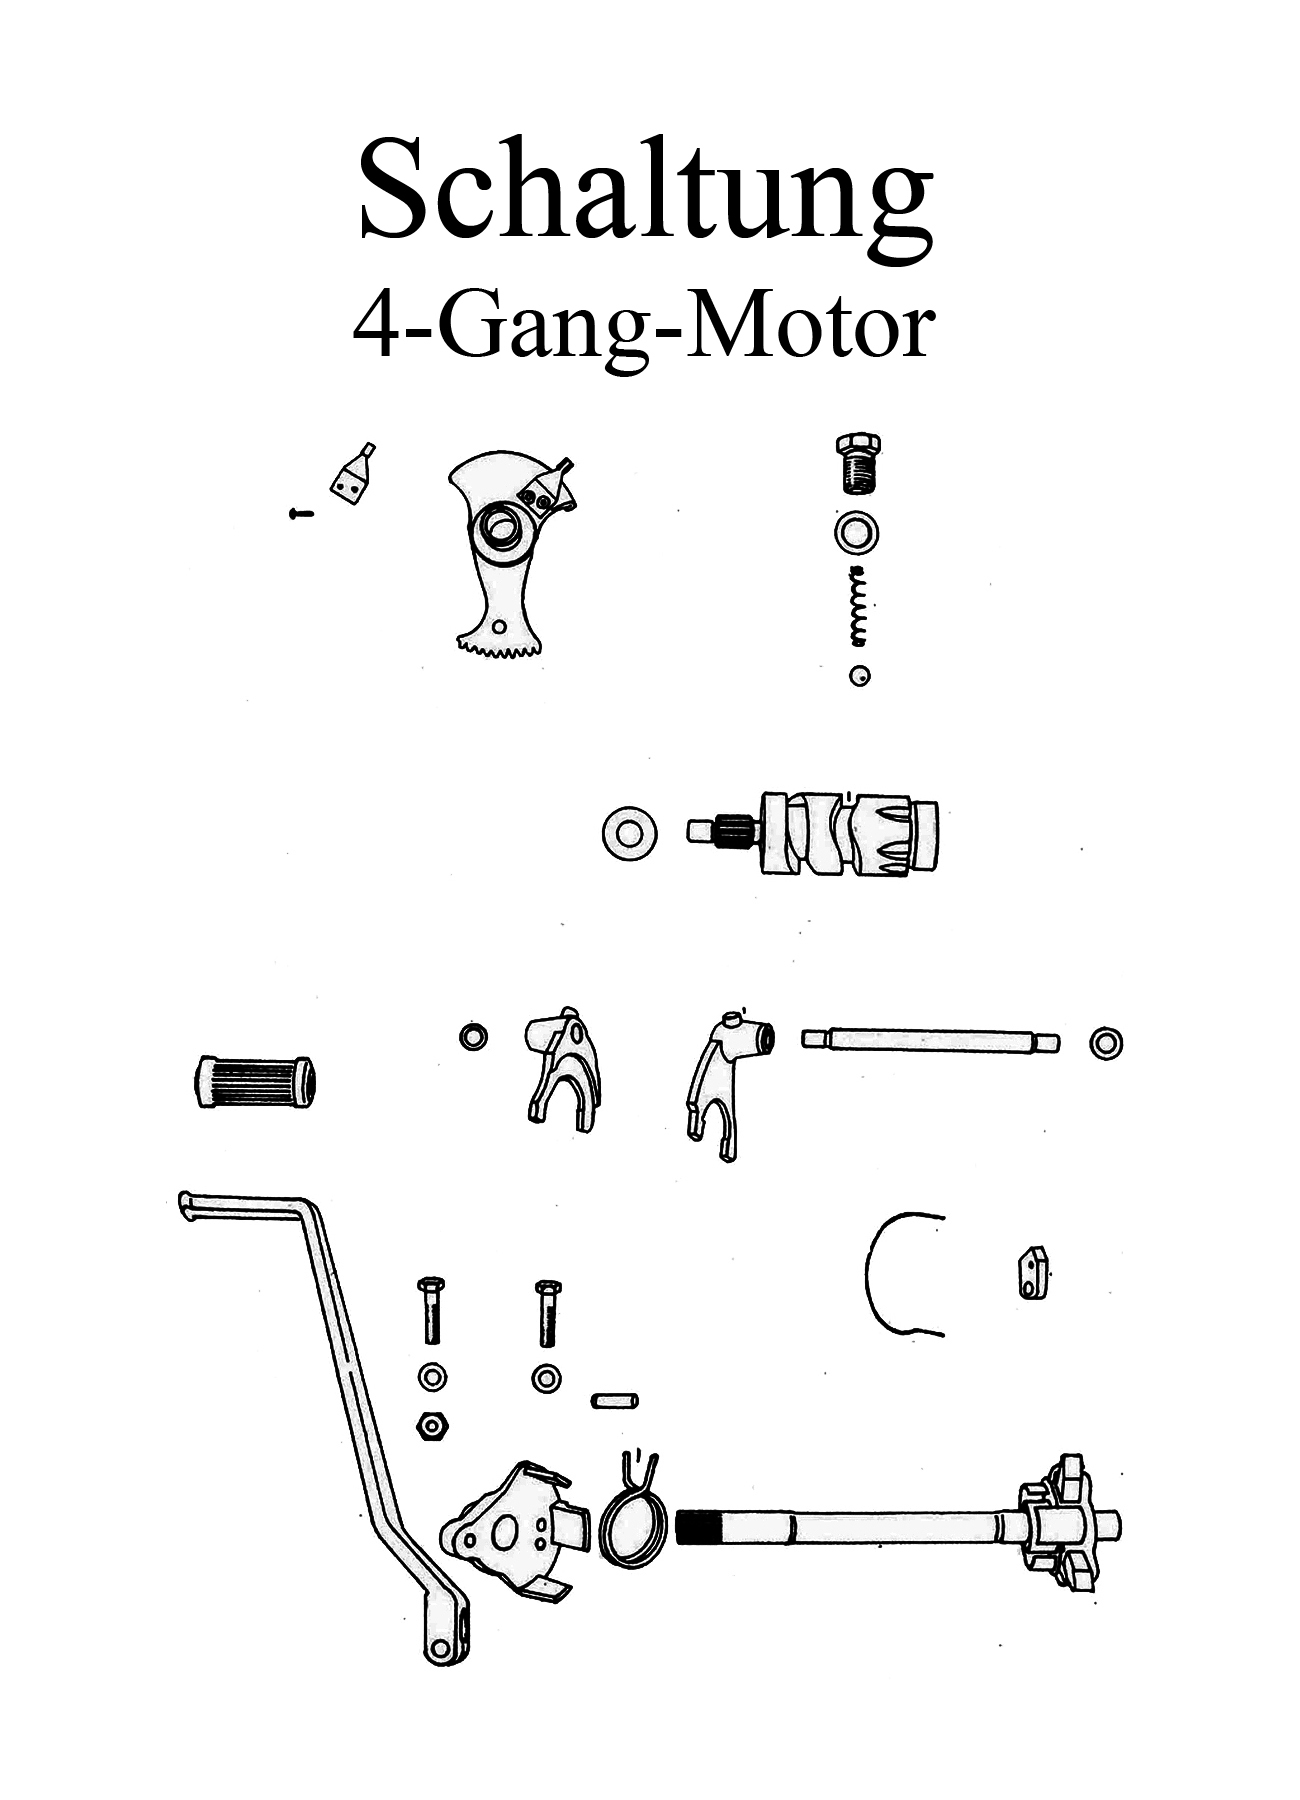 MZ TS 250 Ersatzteile 4 Gang Motor Schaltung